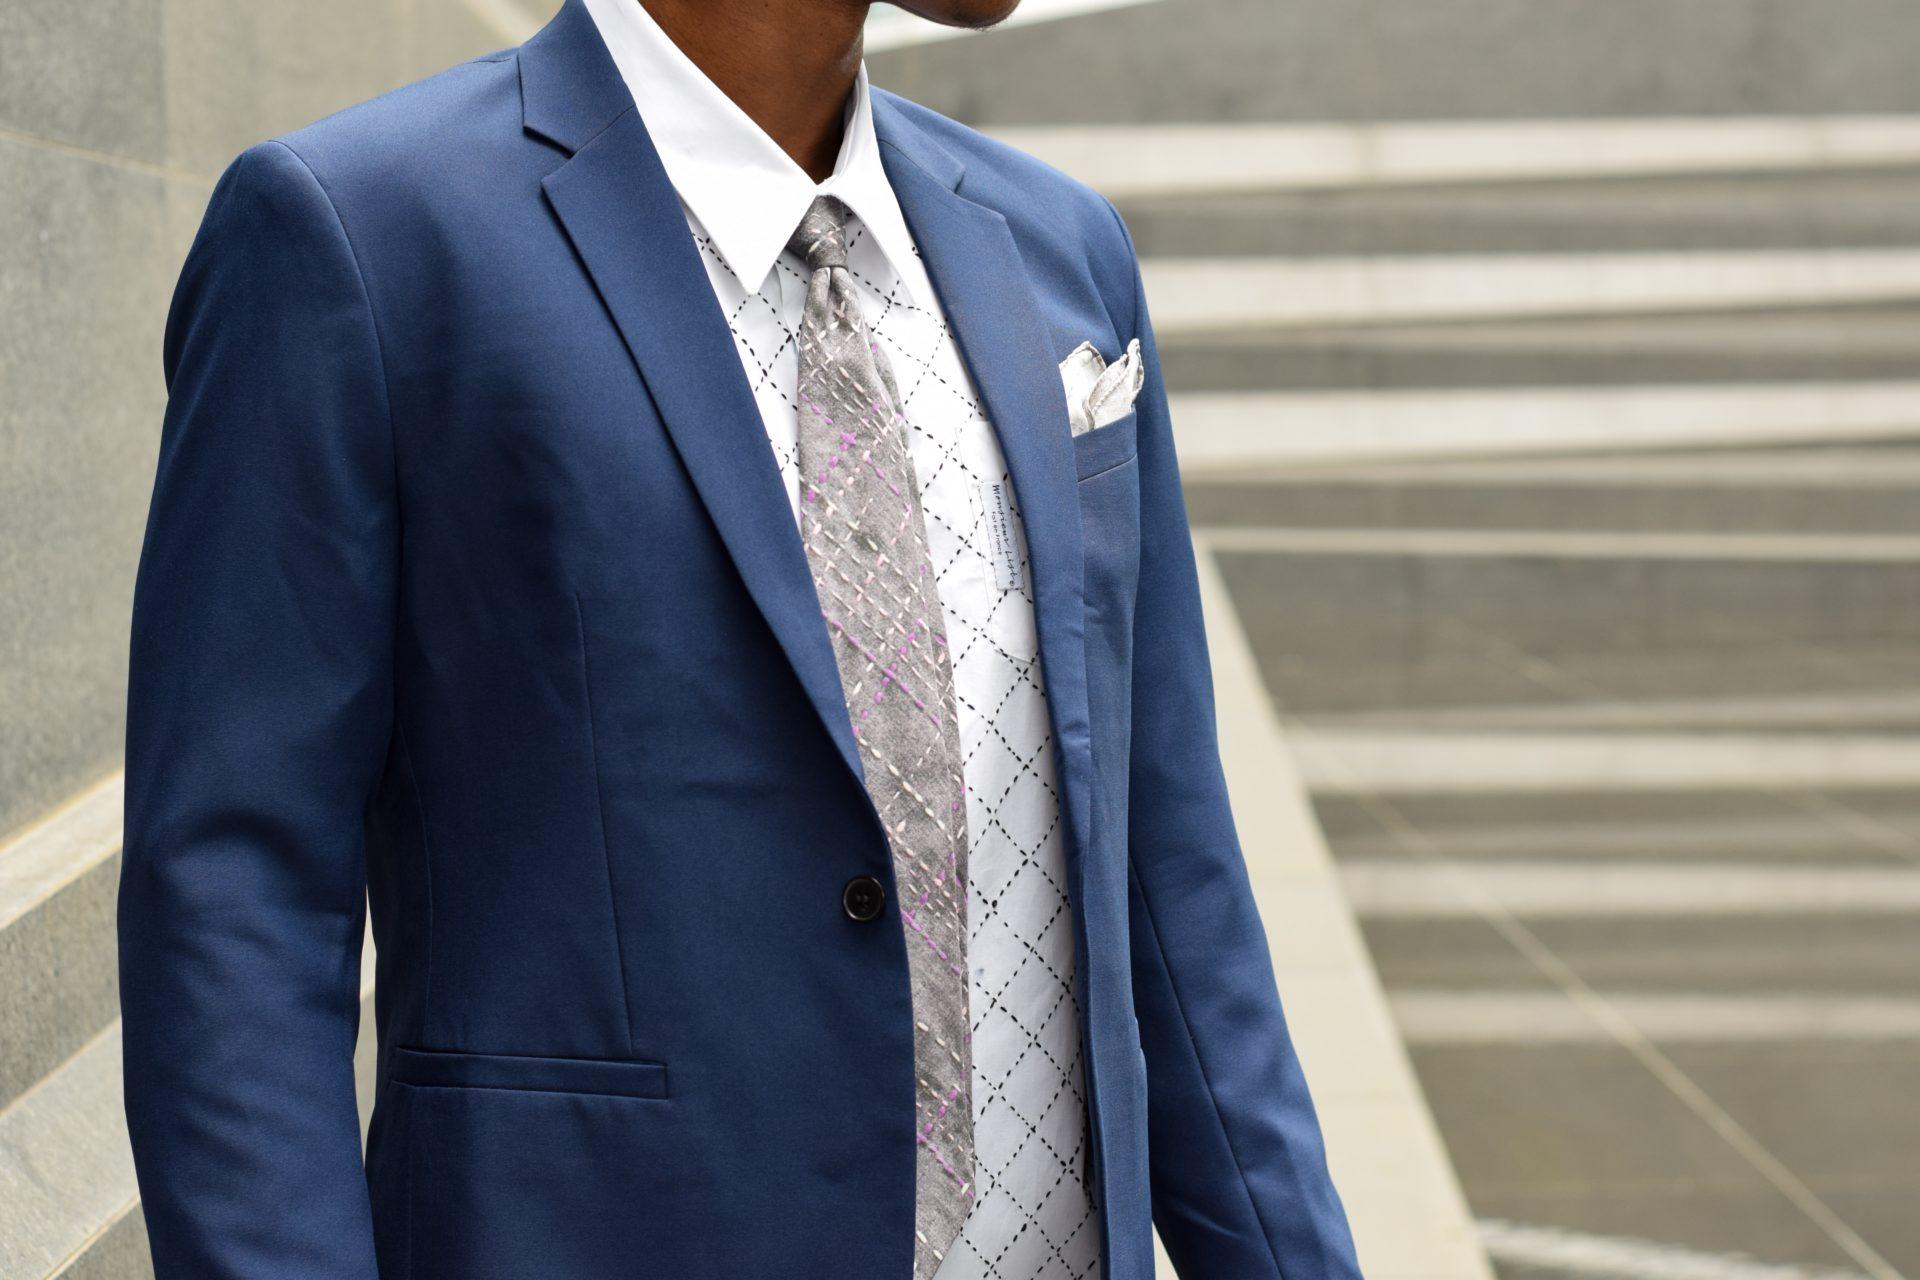 Cravate pièce unique Monsieur List soie grise imprimée quadrillage brodé à la main violet, rose et blanc. Fait en France. Photographie de Benjamin List.